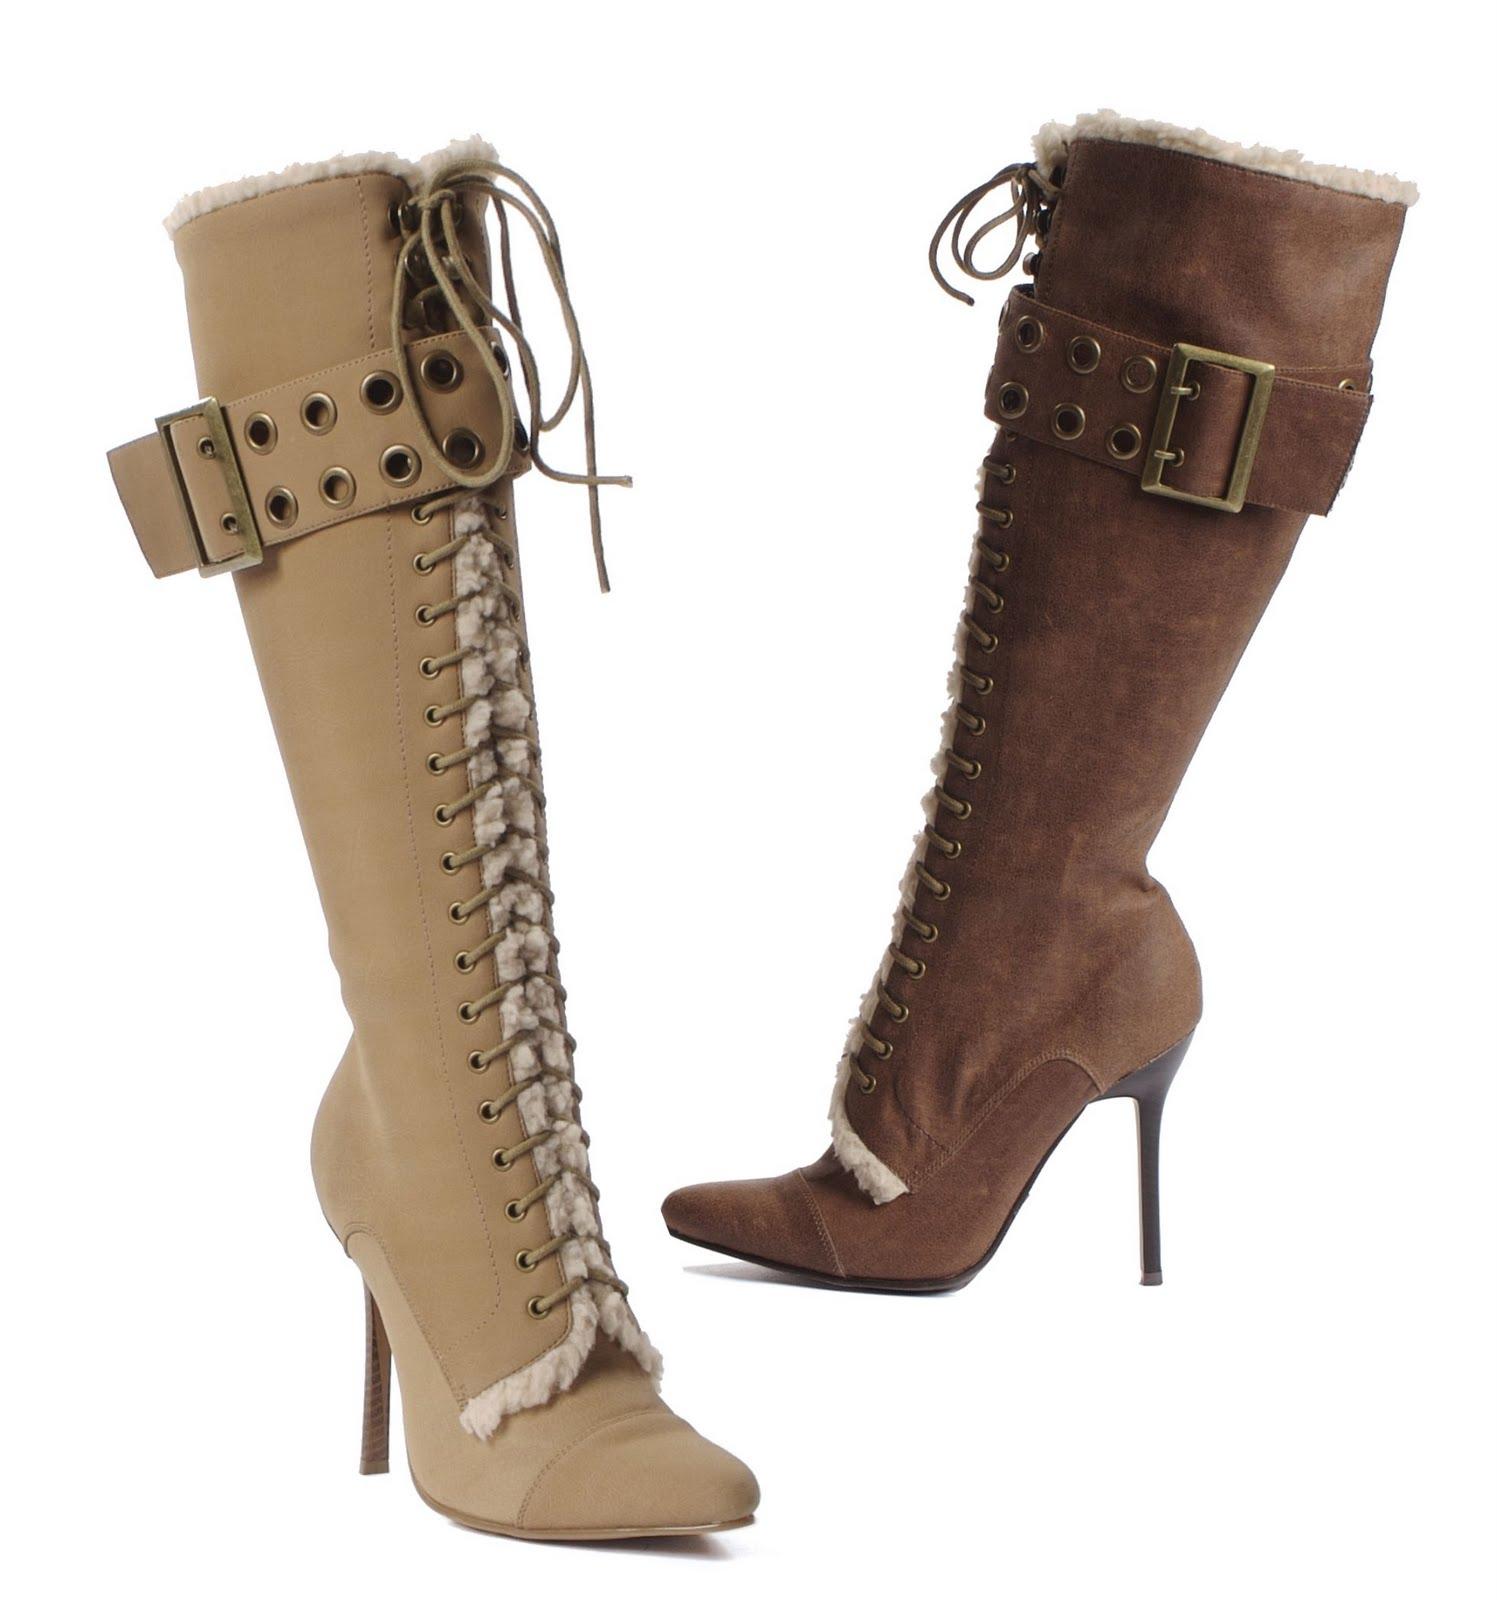 imagenes de zapatillas andrea - Los 8 zapatos mas horribles que nos hizo usar la moda +